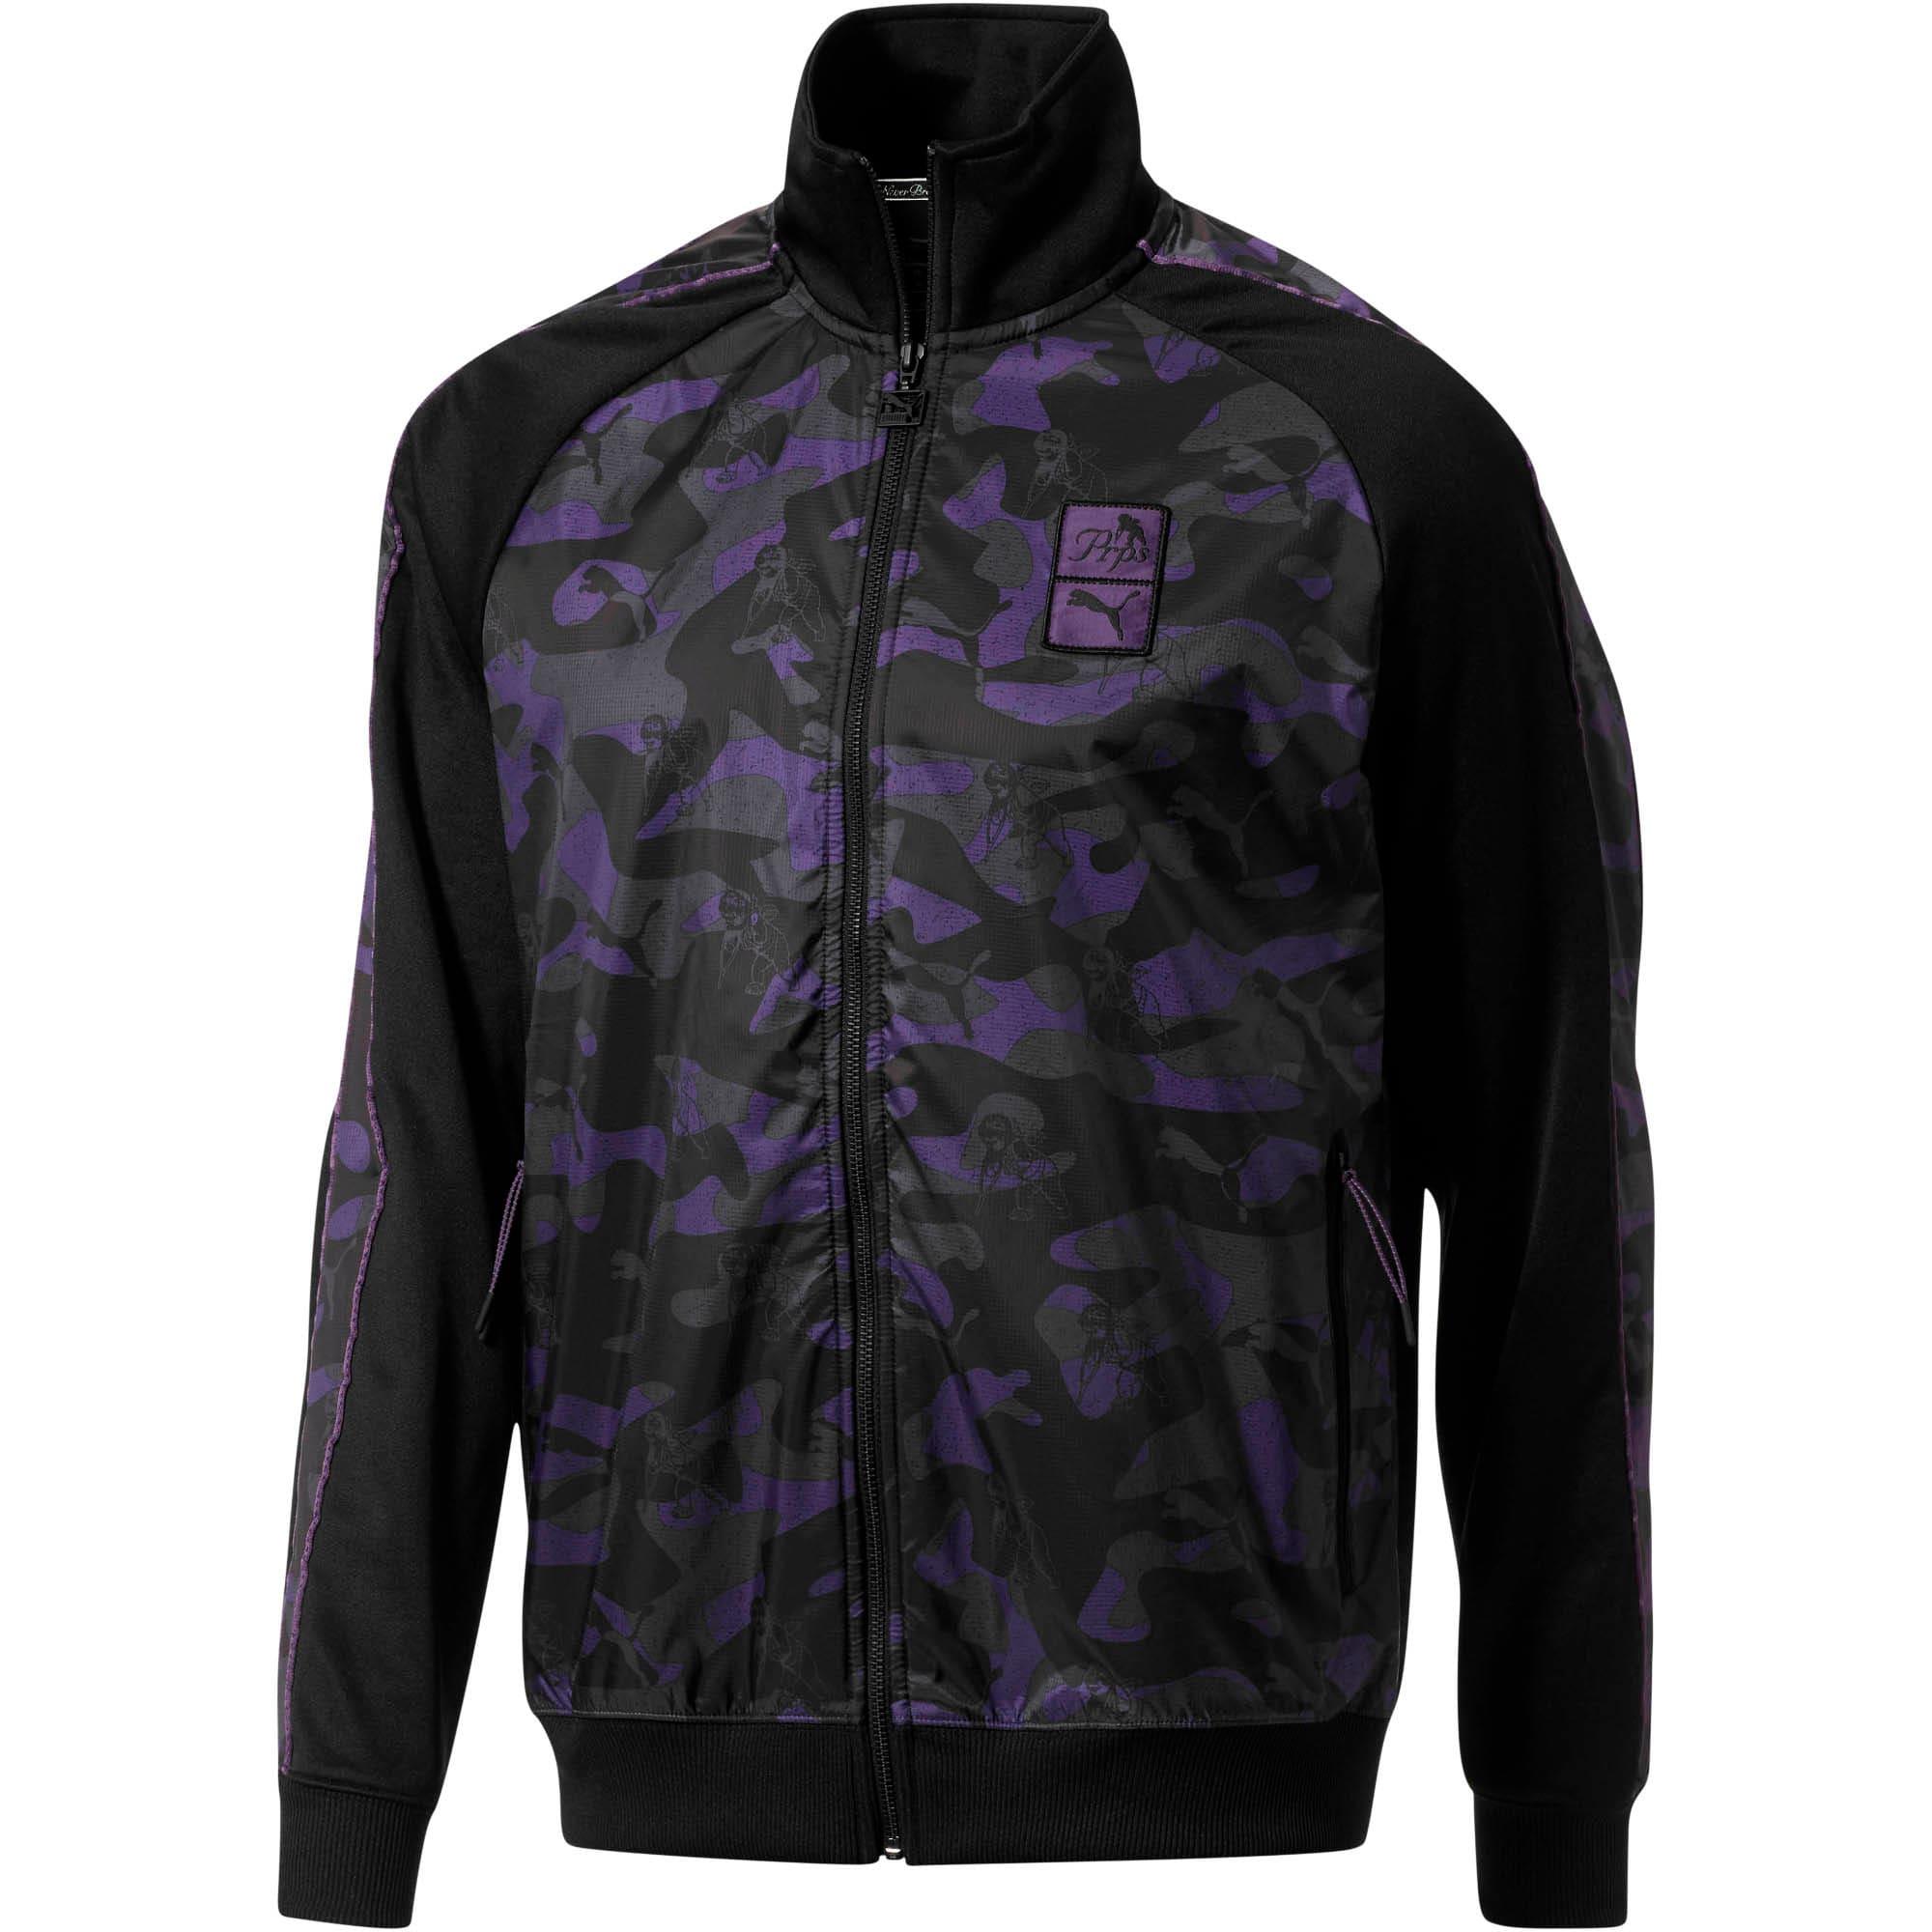 Thumbnail 1 of PUMA x PRPS Opulent Men's T7 Track Jacket, Puma Black-AOP Camo, medium